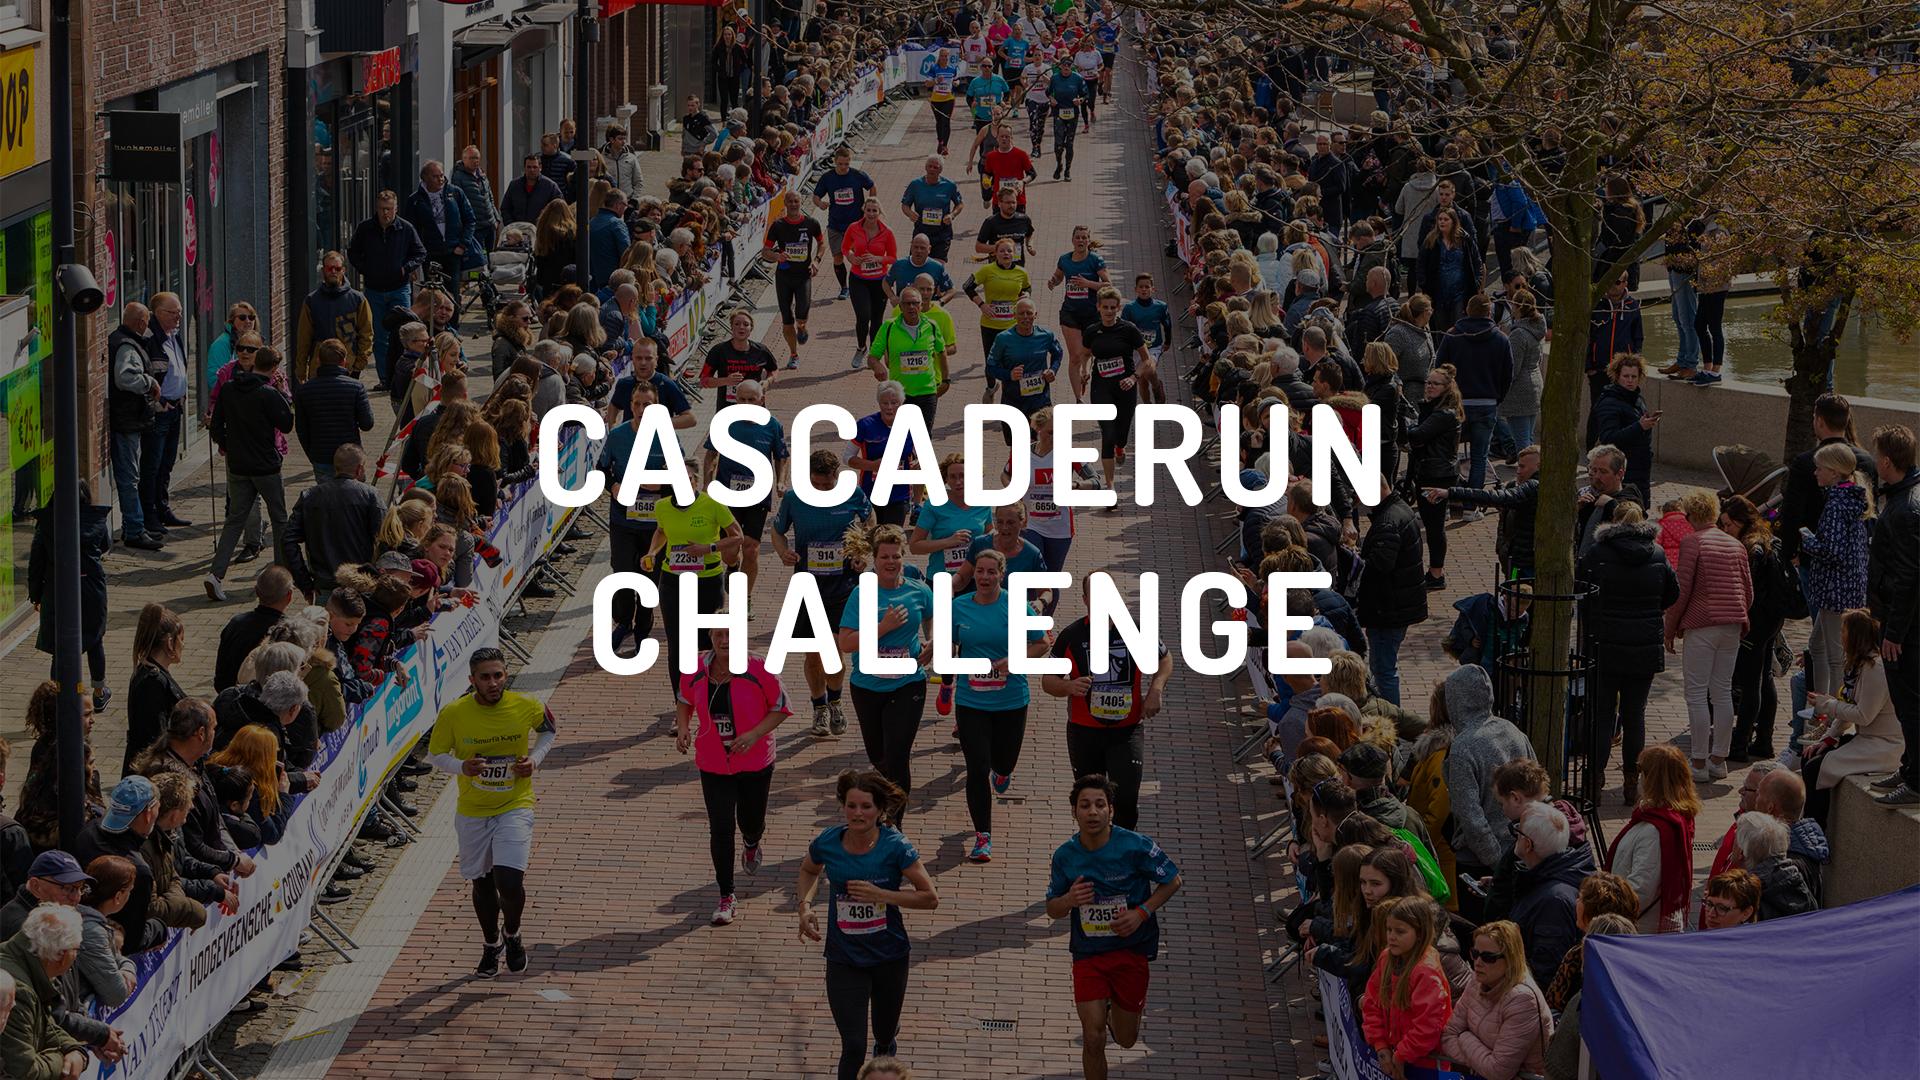 Afbeelding - Uitslagen Cascaderun Challenge